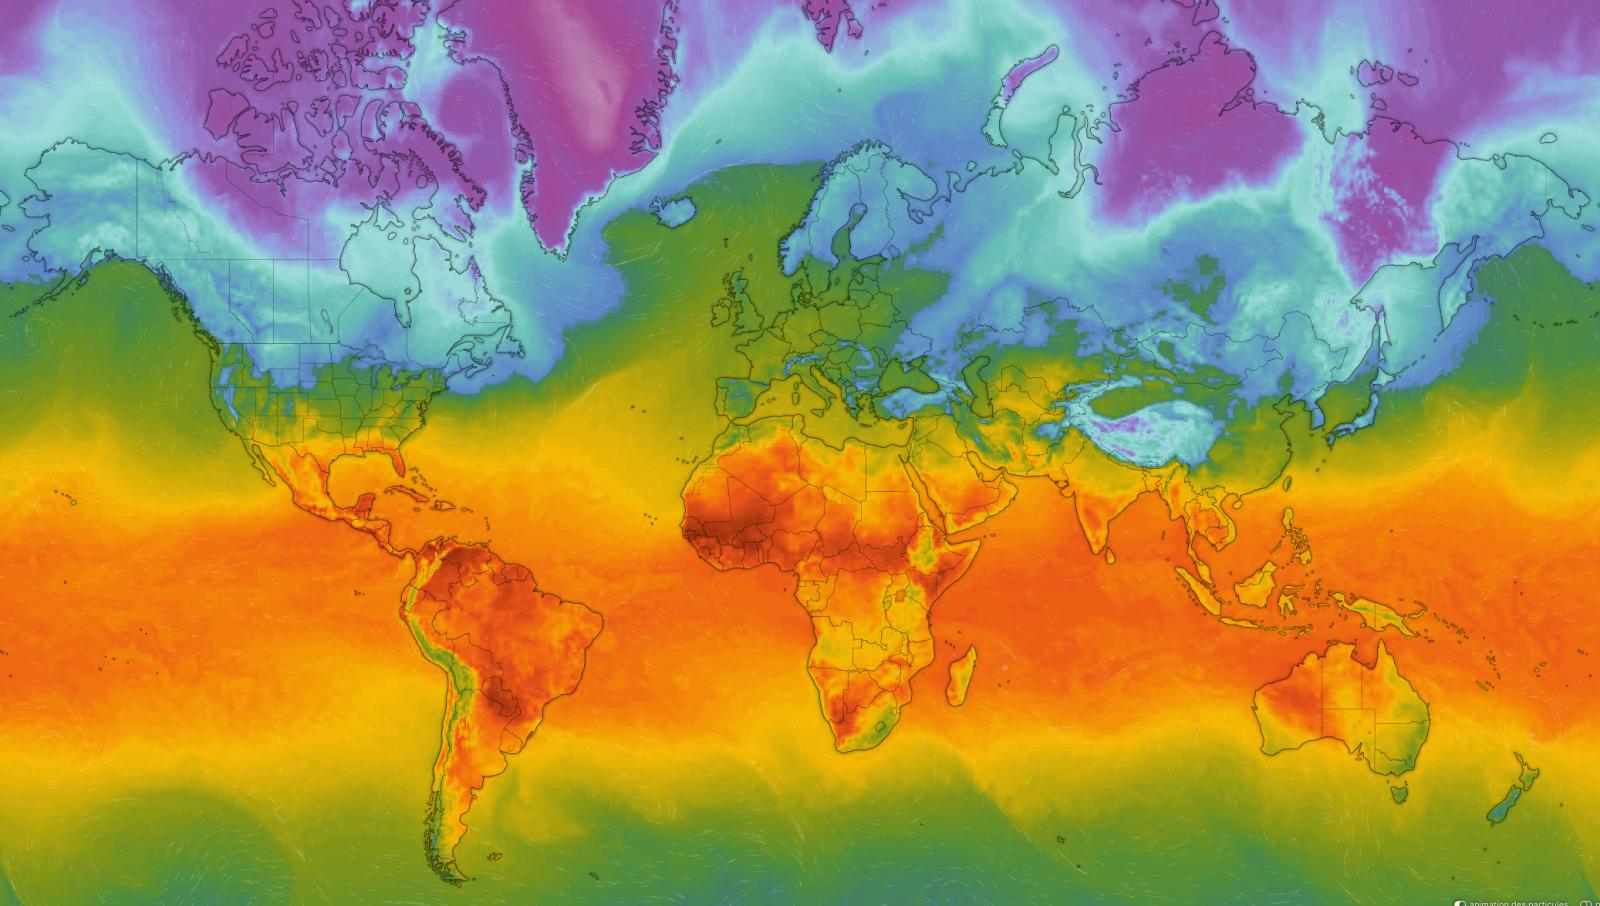 Image d'illustration pour Coronavirus : comment la pandémie est-elle influencée par le climat ?